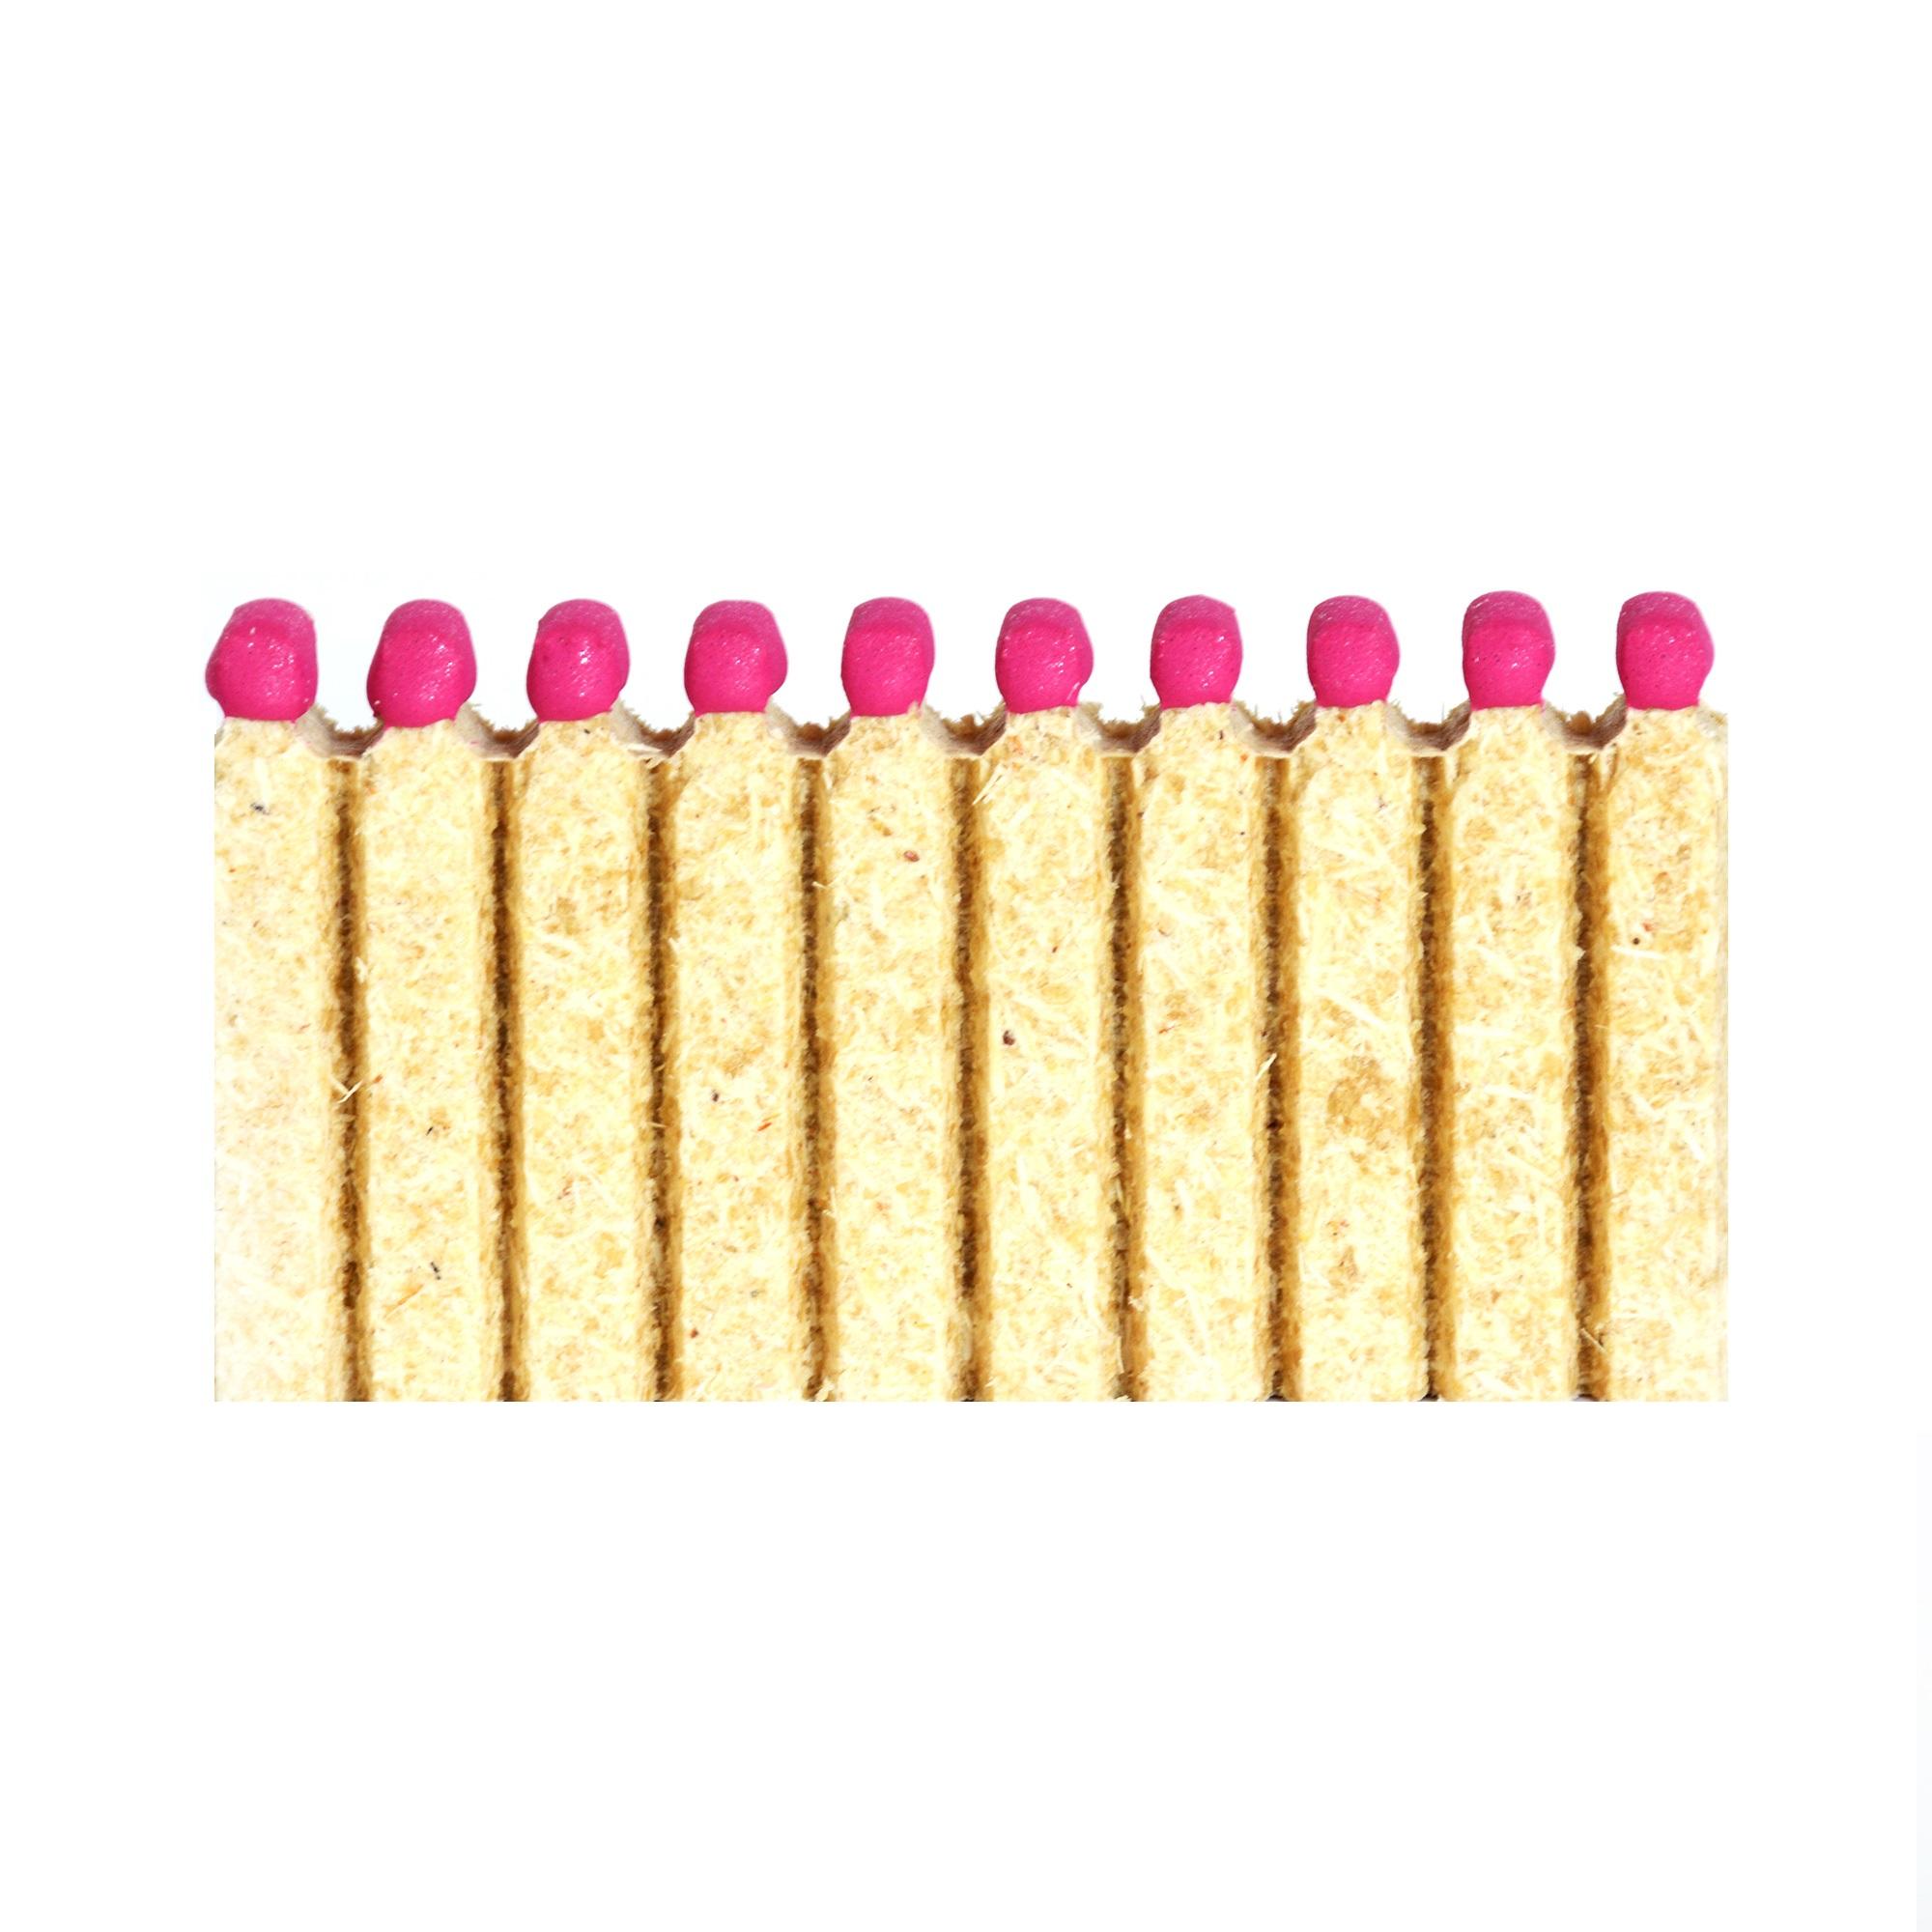 کبریت آتش زنه ستاره ممتاز مدل B بسته 10 عددی